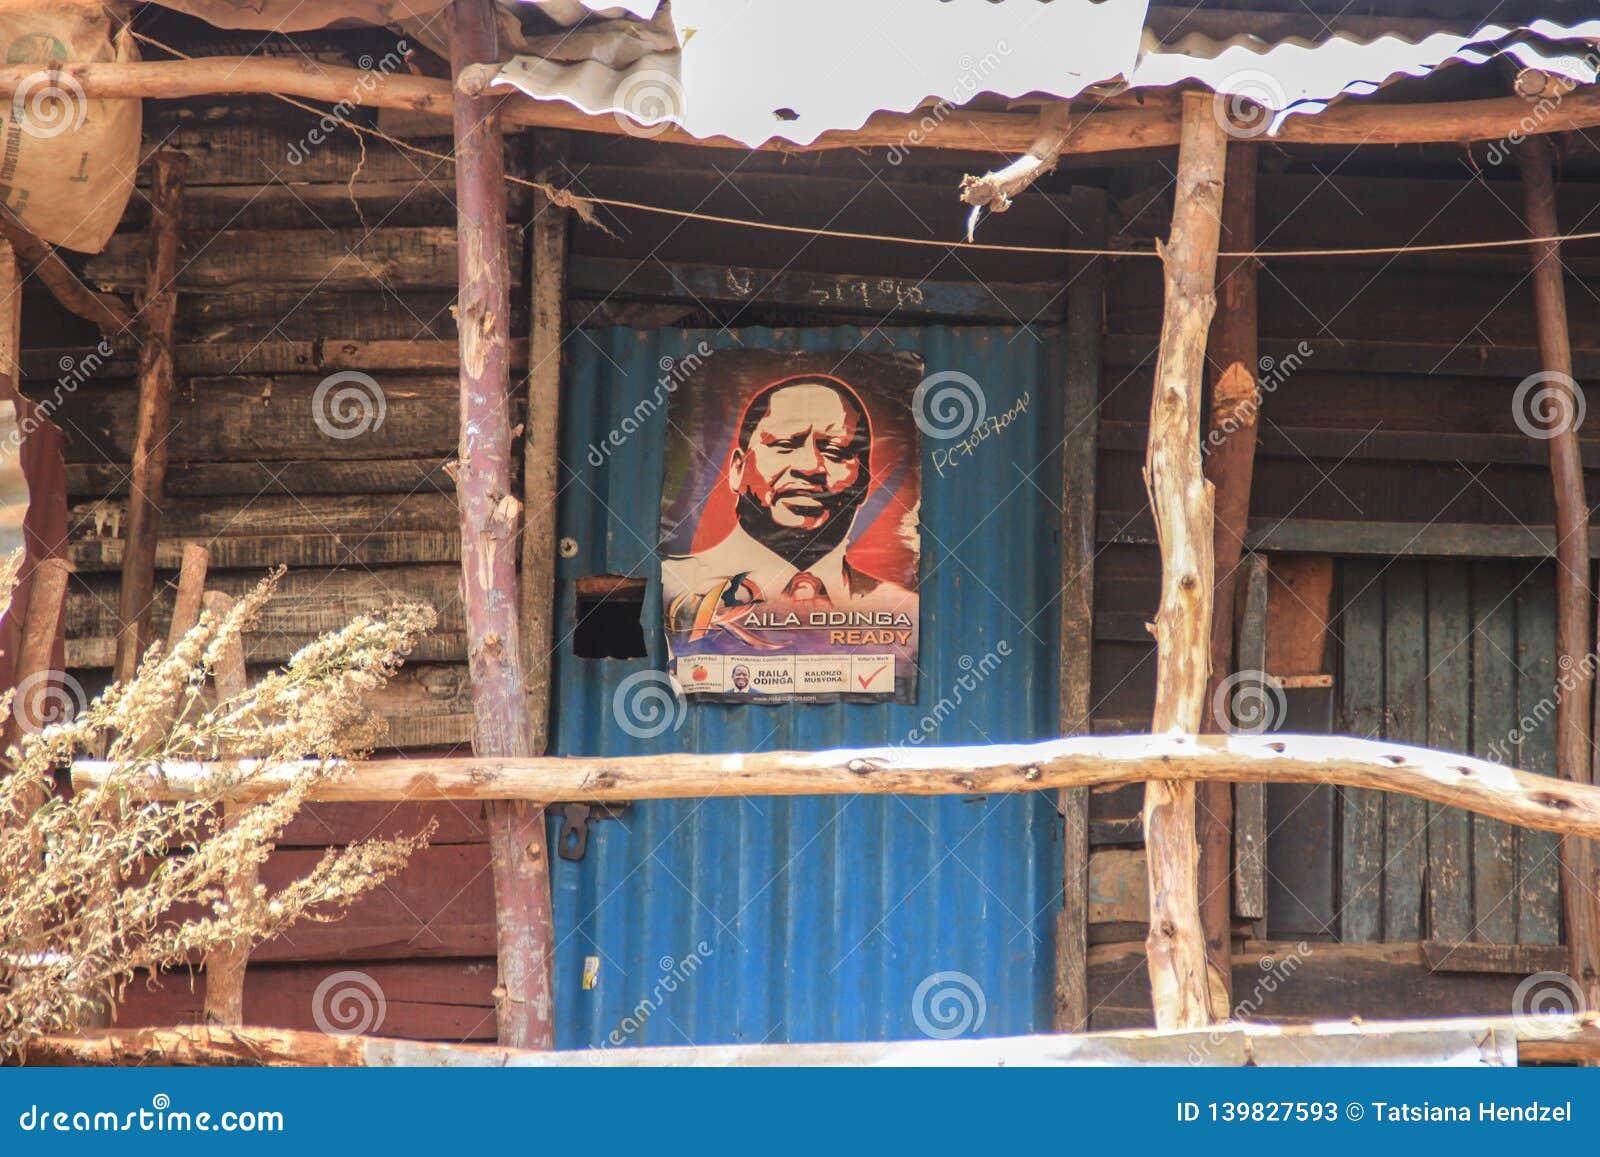 Плакат местного депутата одно из самых плохих мест в Африке